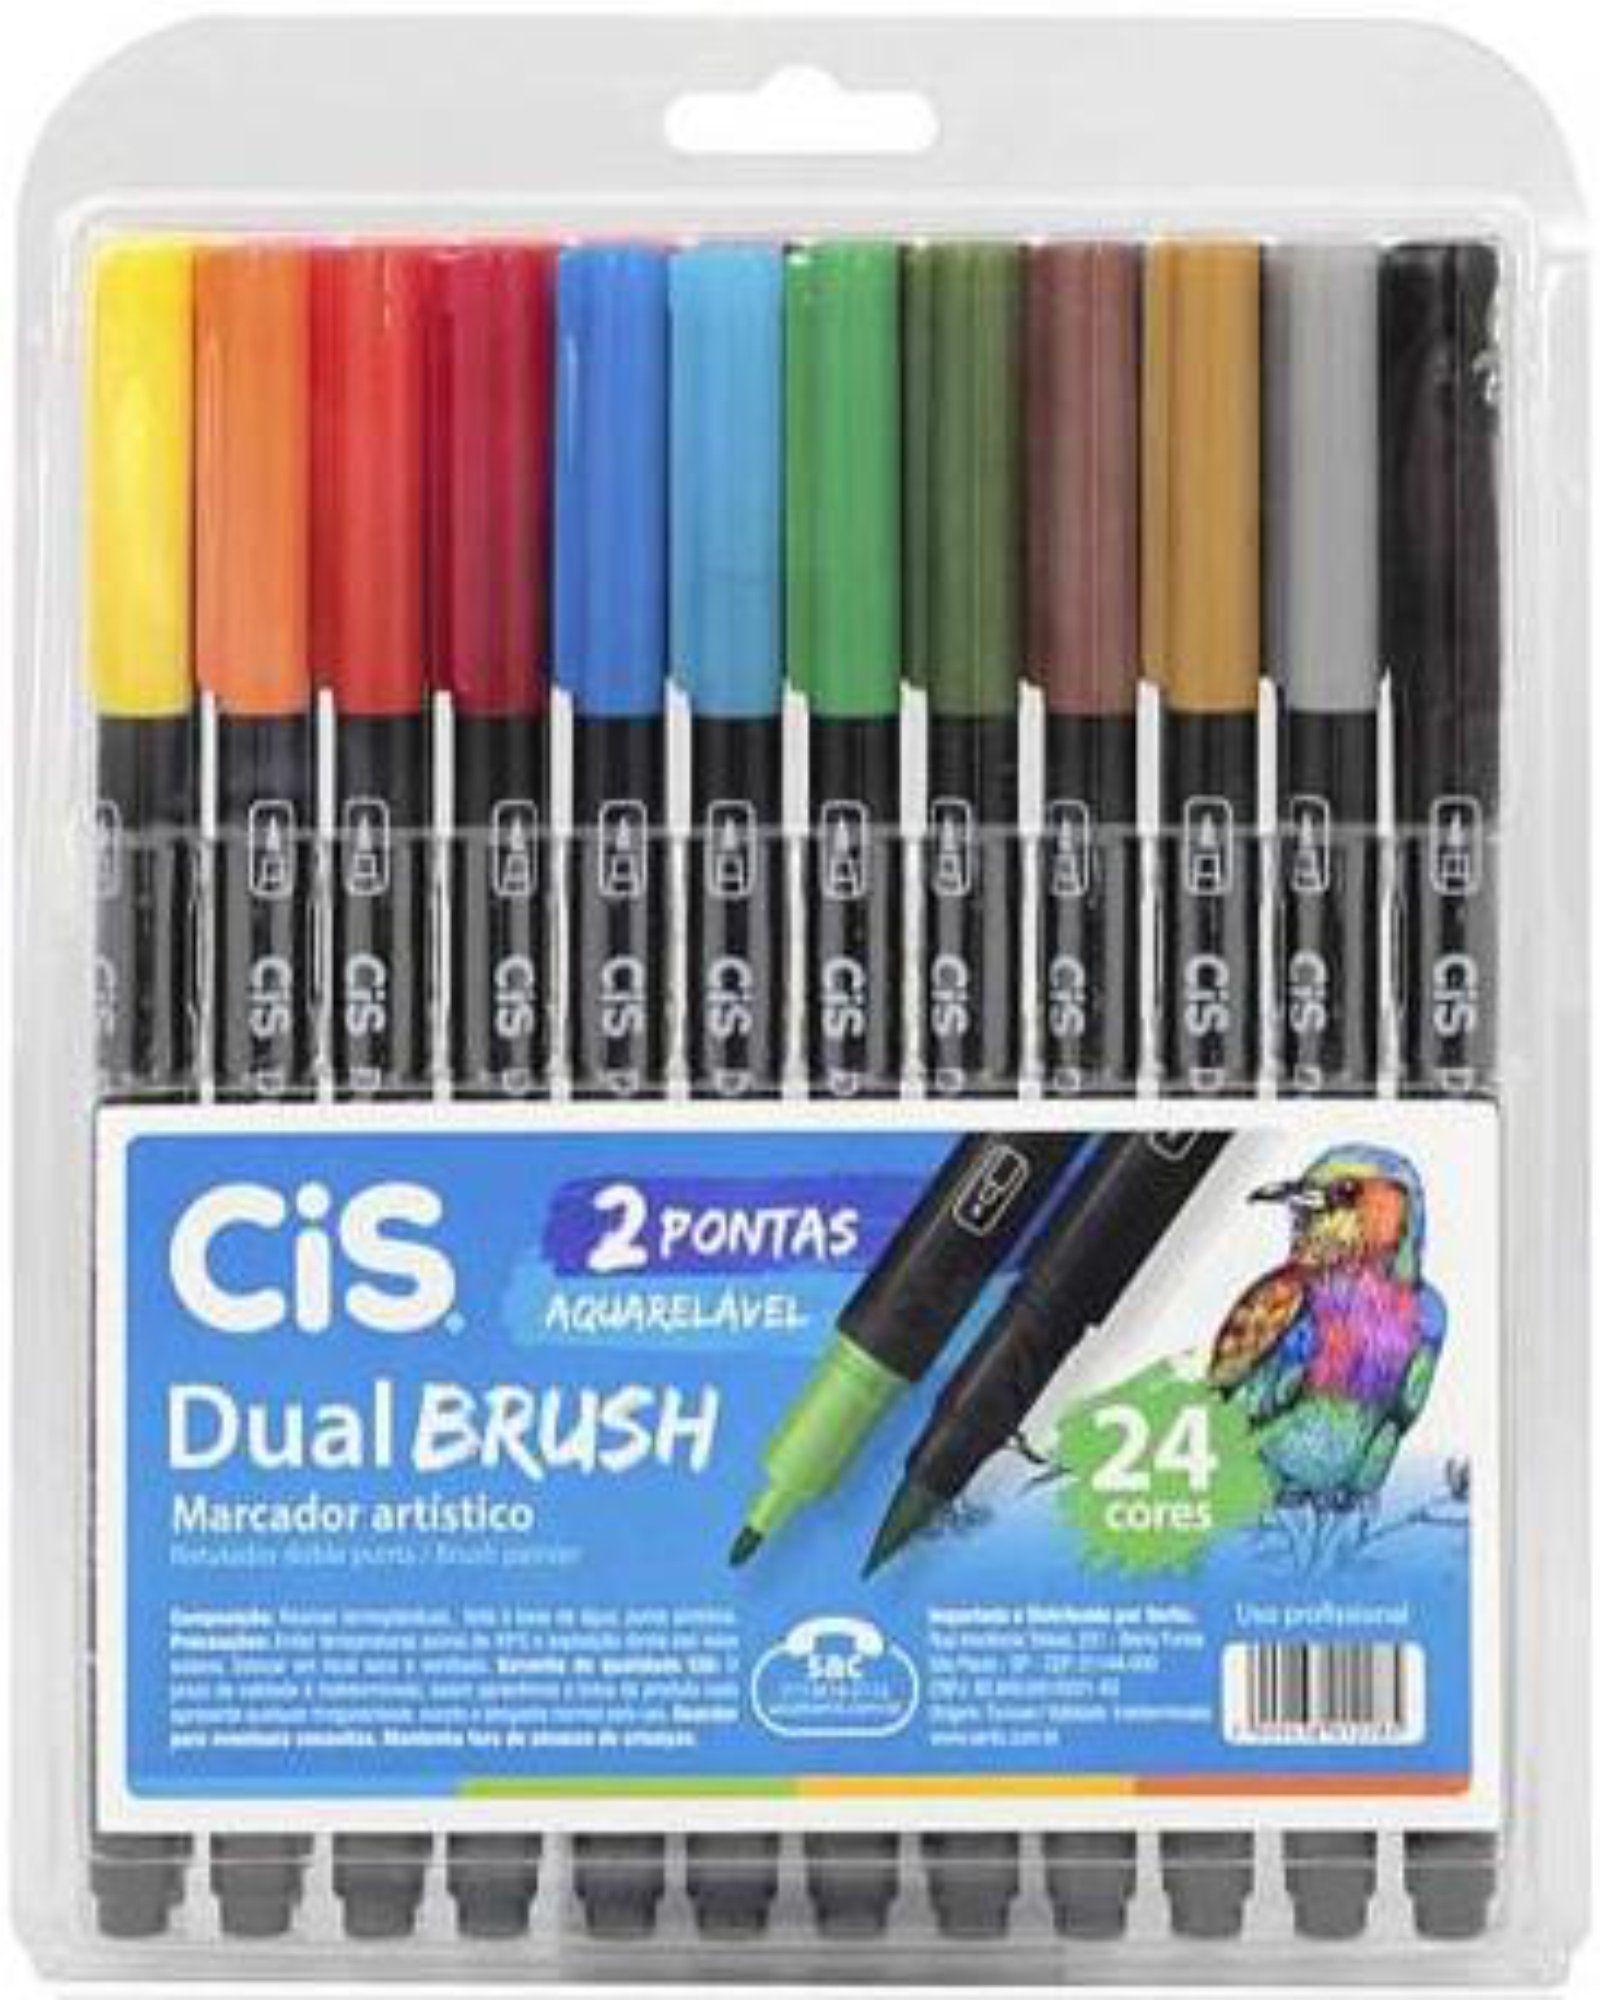 Canetinha Dual Brush Cis 24 Cores